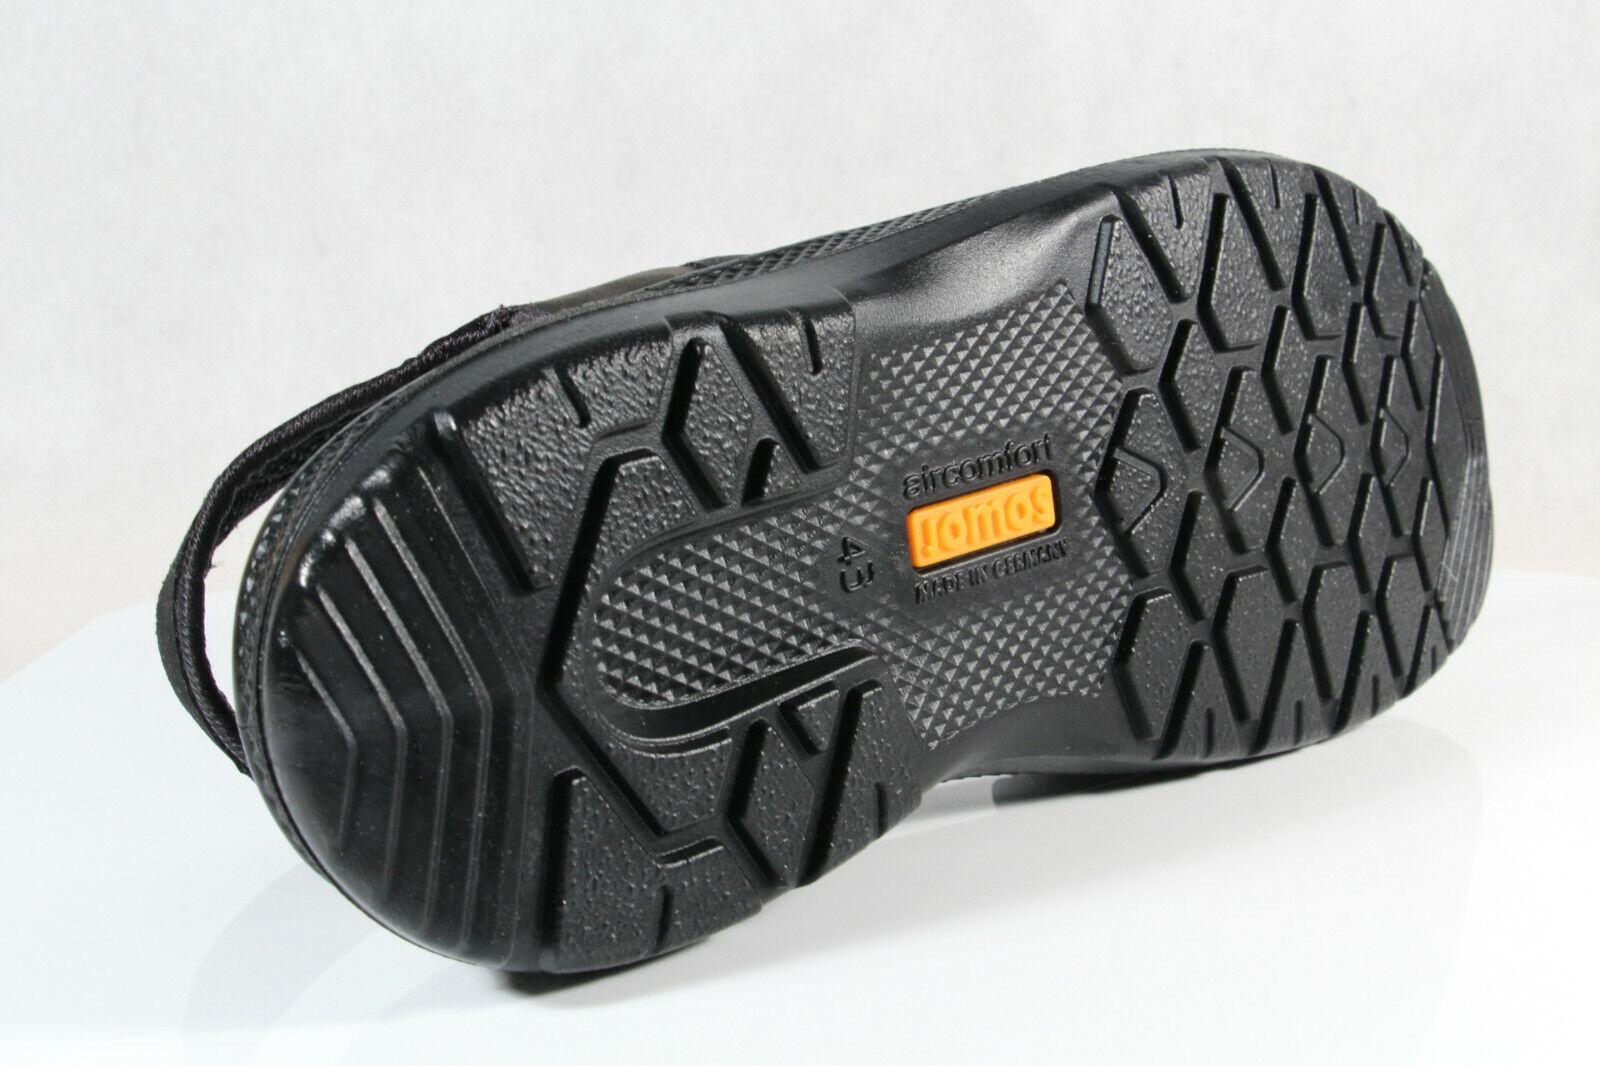 Zapatillas adidas Neo Comfort Footbed Talle 35 36